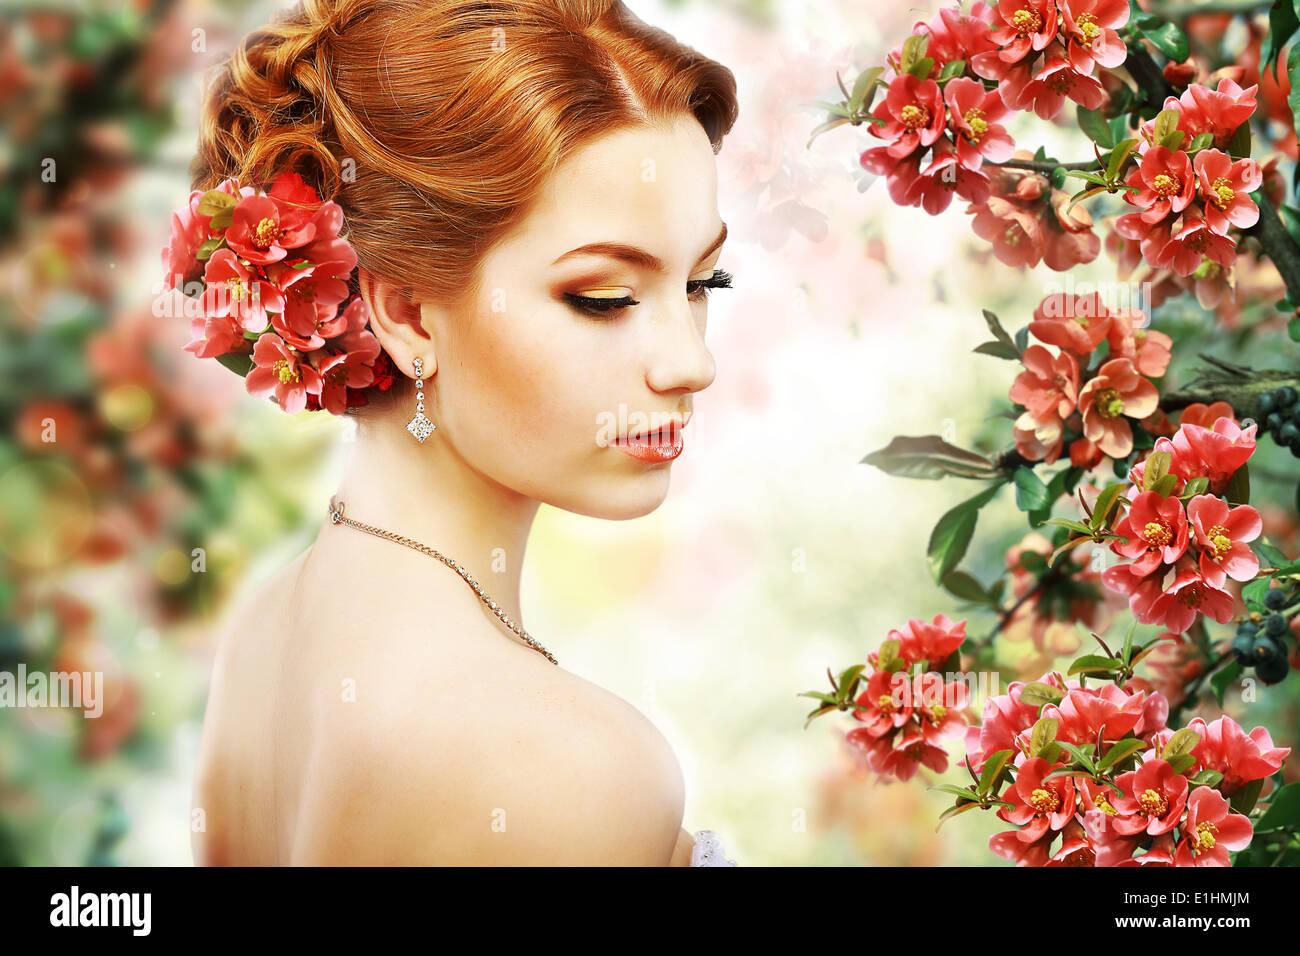 Entspannung. Profil von roten Haaren Schönheit über natürliche Blumen Hintergrund. Natur. Blüte Stockbild